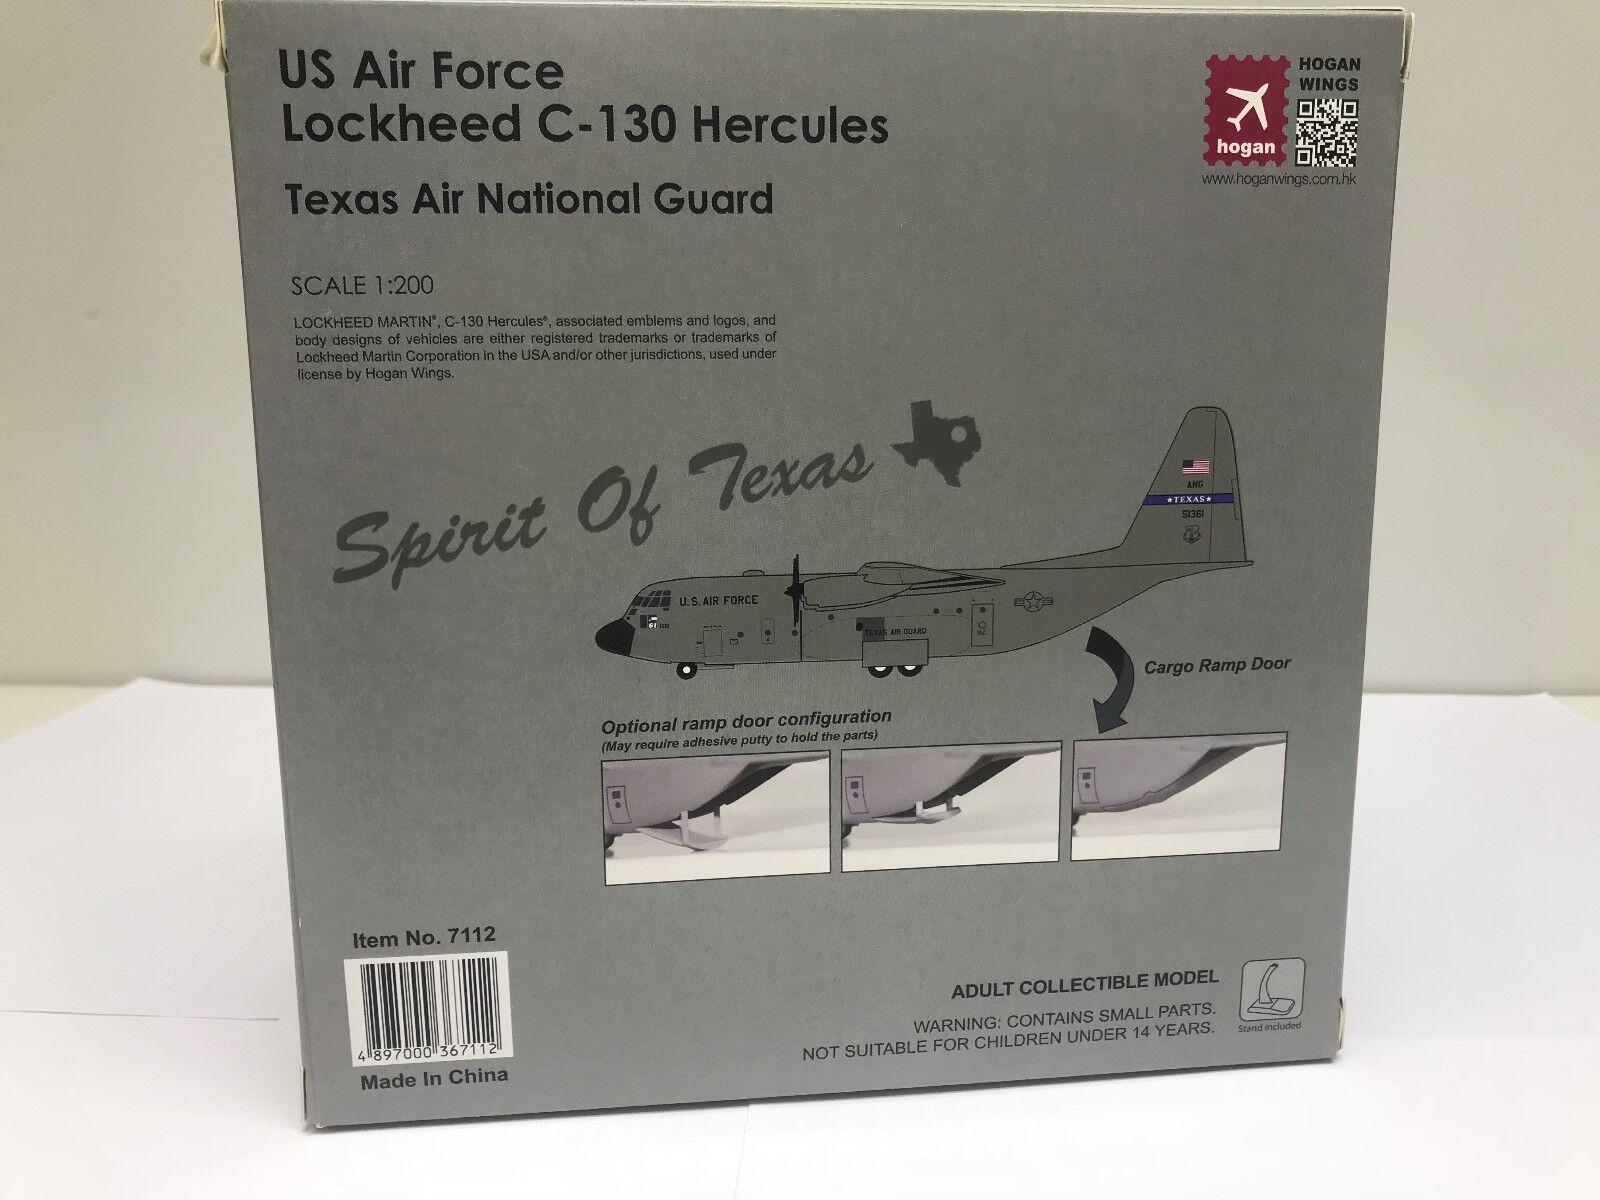 Hogan Wings 7112, Lockheed C-130 Hércules, US Air Force, Texas Air National Guar